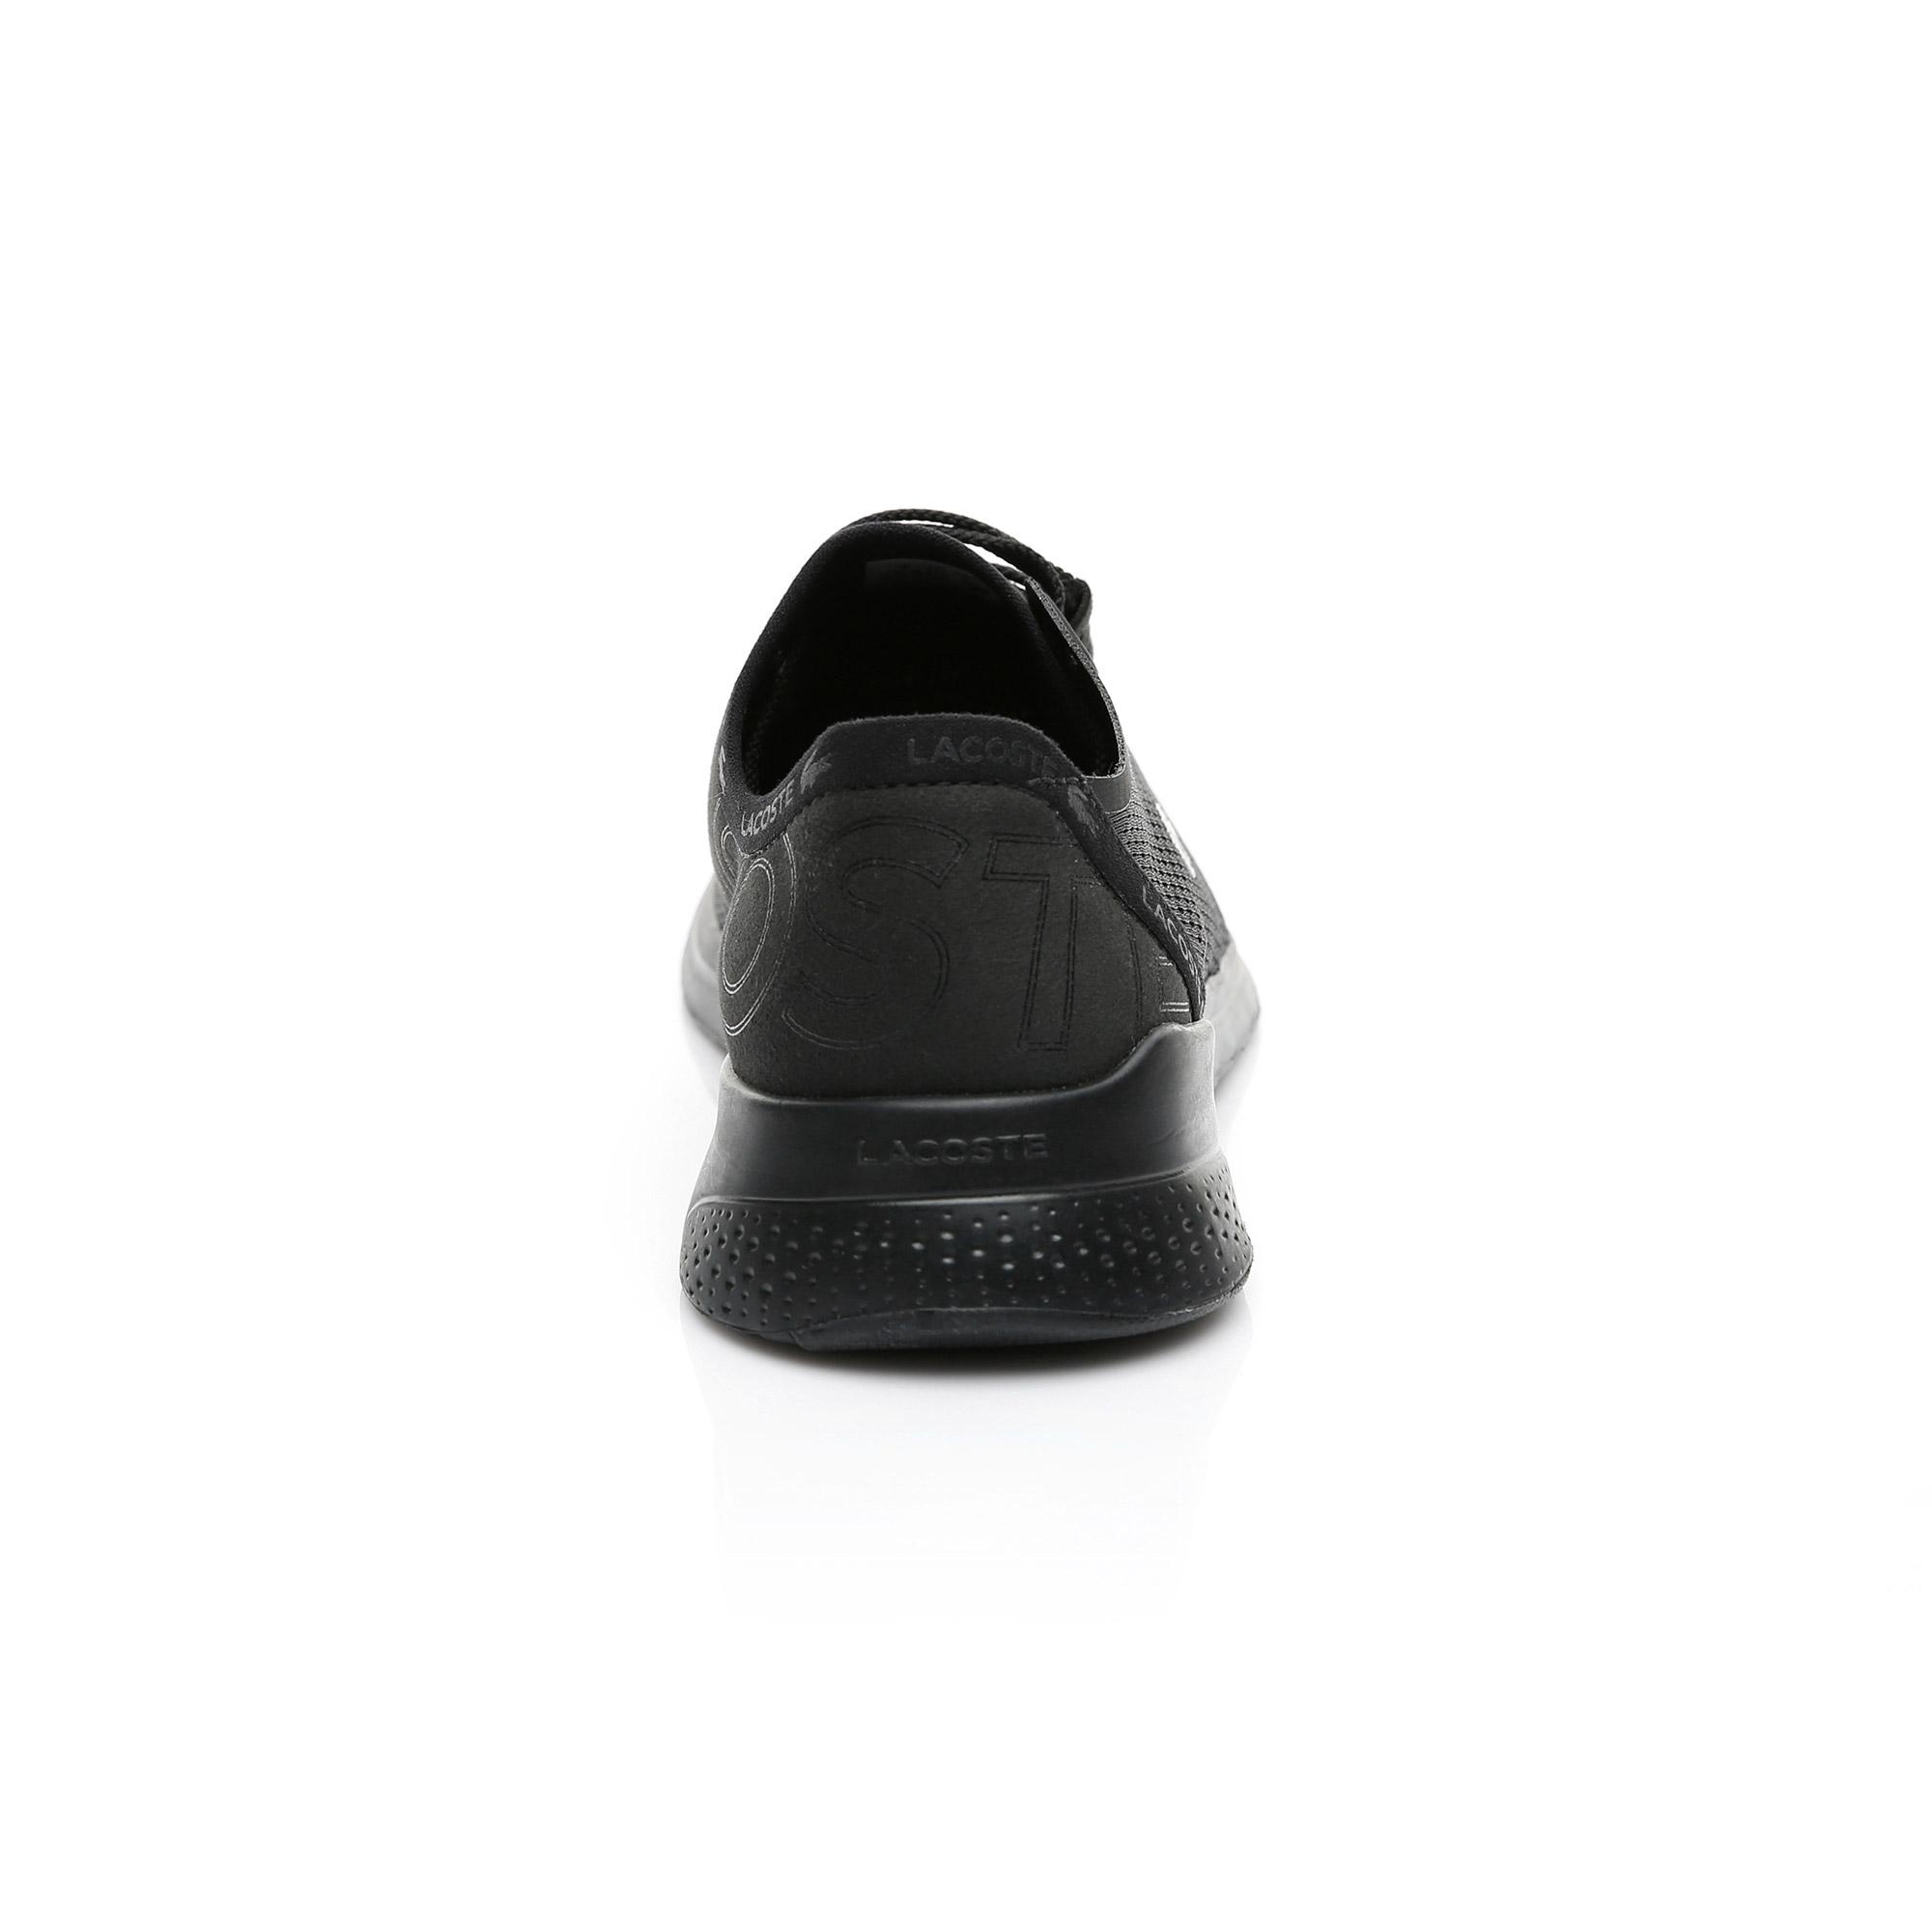 Lacoste Erkek Siyah LT Fit 119 4 Spor Ayakkabı